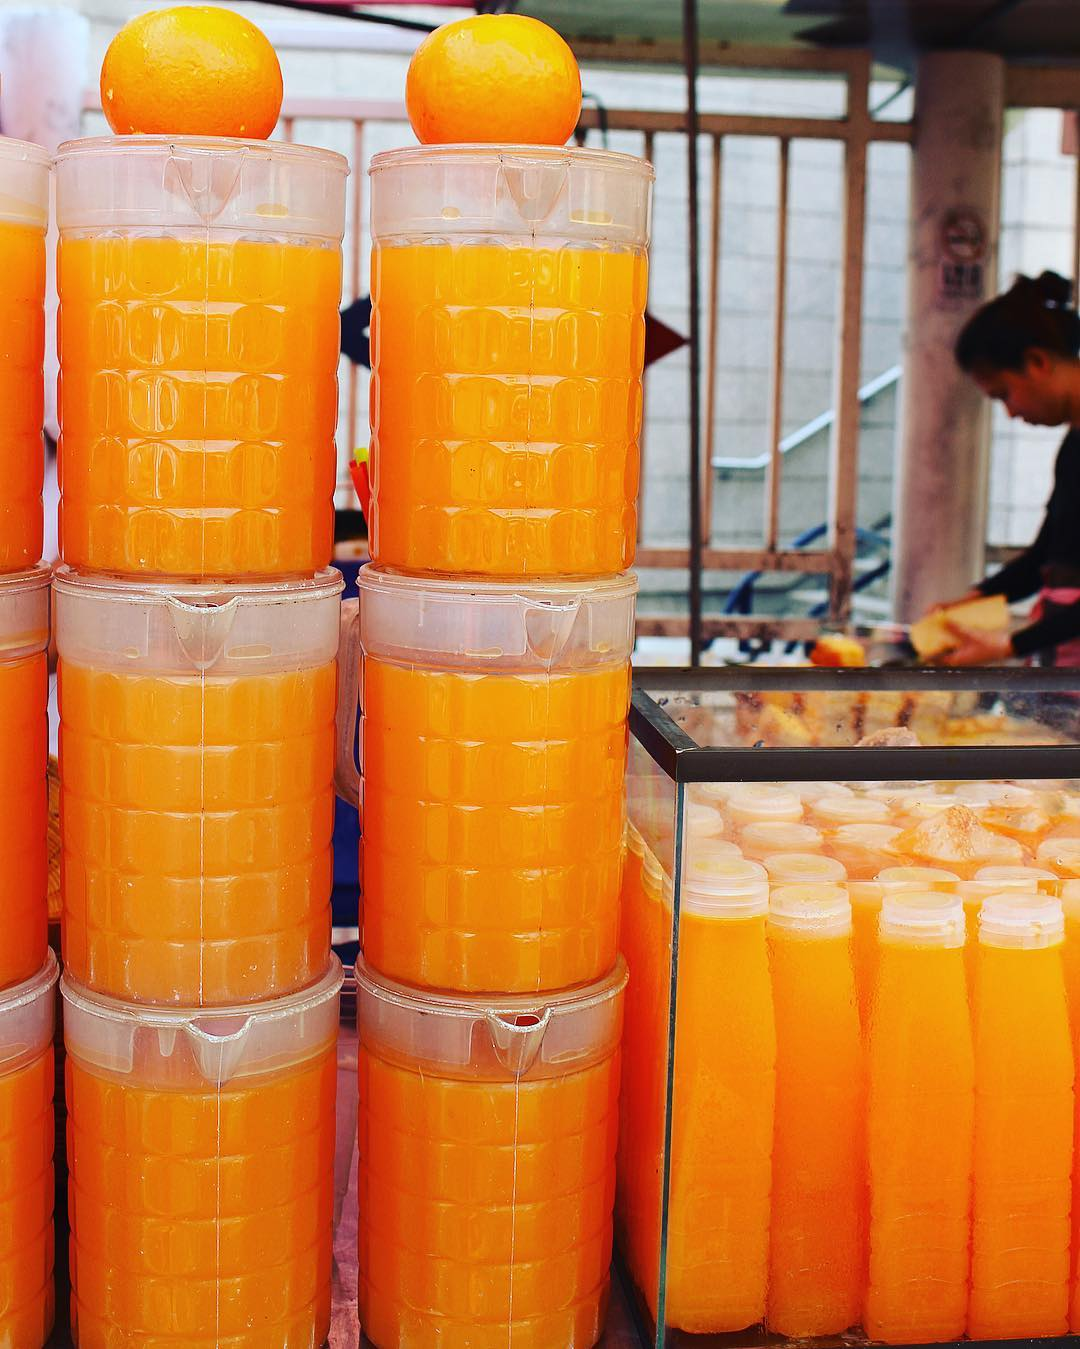 ORANGE JUICE ?? Le marché de Chatuchak : le plus Grand marché de Bangkok ! Idéal pour vos souvenirs ??? ______ ? #pintadethailande ➕CityTrip | THAÏLANDE?? ? Articles sur le blog (lien dans ma bio) ______ #thailande #thailand #bangkok #kohphiphi #krabi #kohlanta #kohsamui #kohphangan #kohtao #cityguide #cityTrip #travel #blogTravel #TravelBlog #voYage #blogVoyage #frenchBlogger #blogueuse #blog #pintademontpellier #temple #streetfood #food #foodlover #blogfood #chatuchak #chatuchakweekendmarket